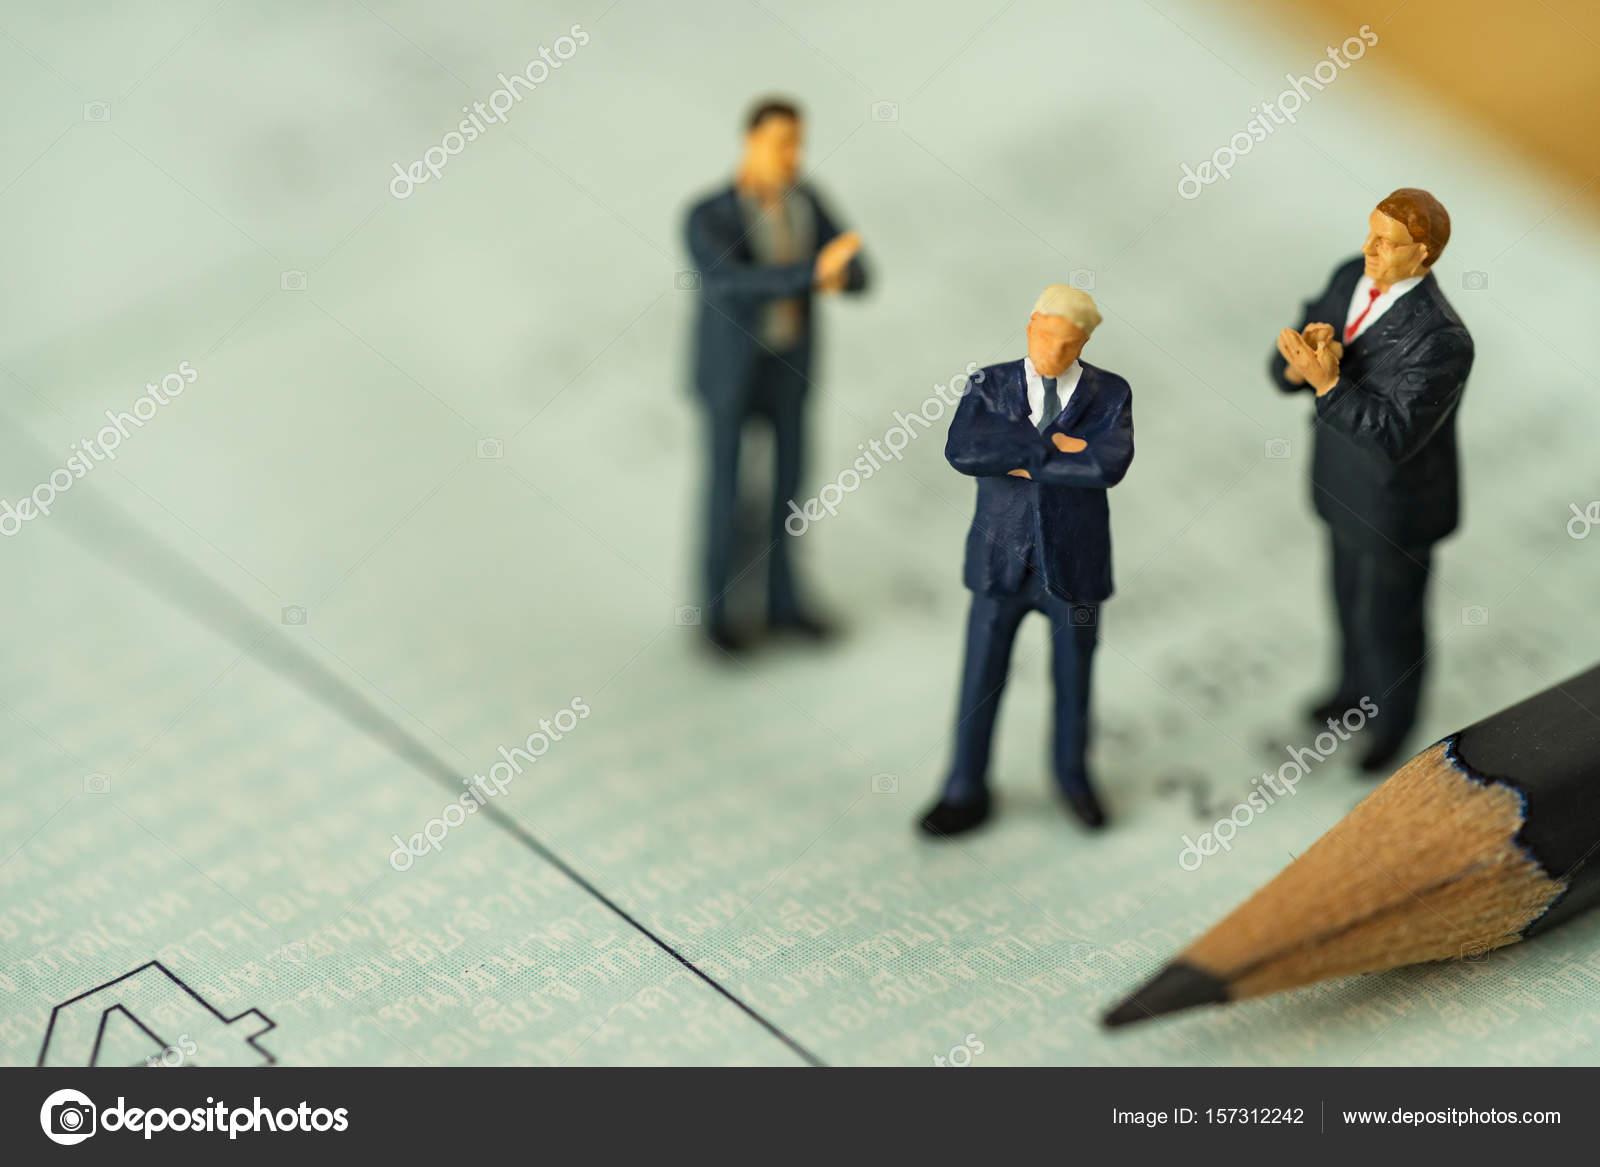 Gens de miniature petites figure homme d affaires se tenant debout sur le  livre de comptes de banque et autres applaudissements comme concept  d affaires ... 85d372ead304